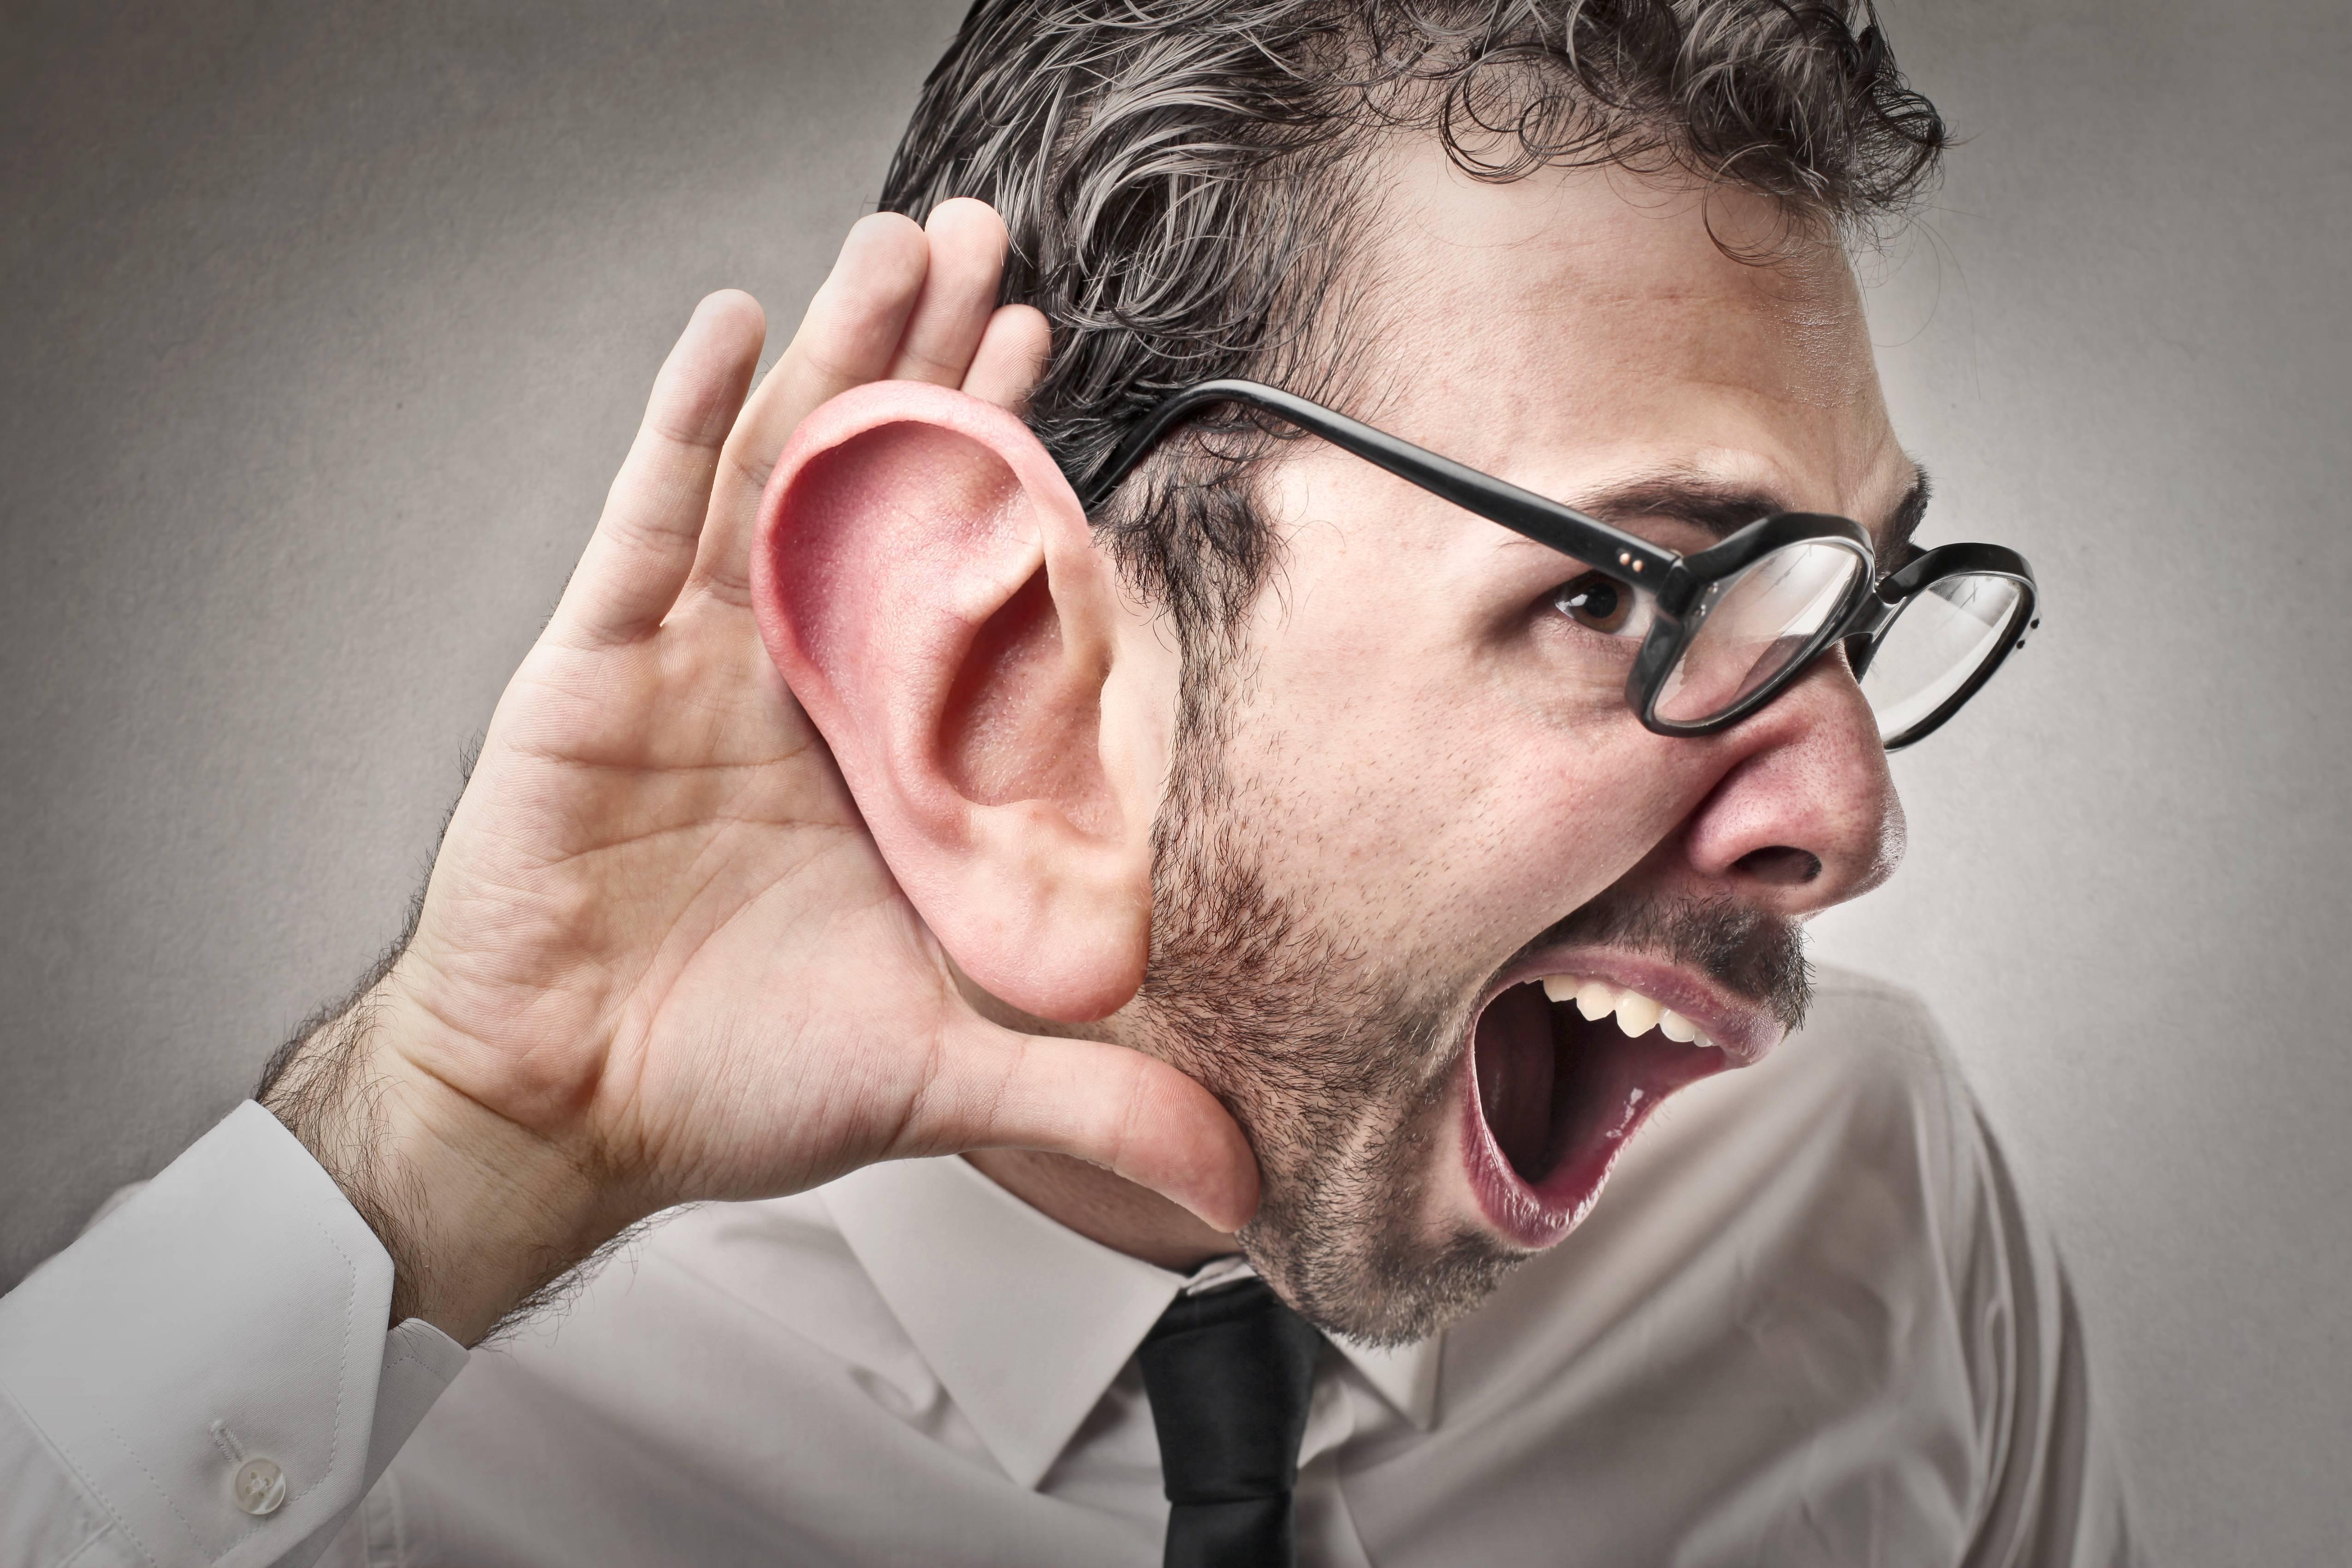 Нейросенсорная потеря слуха